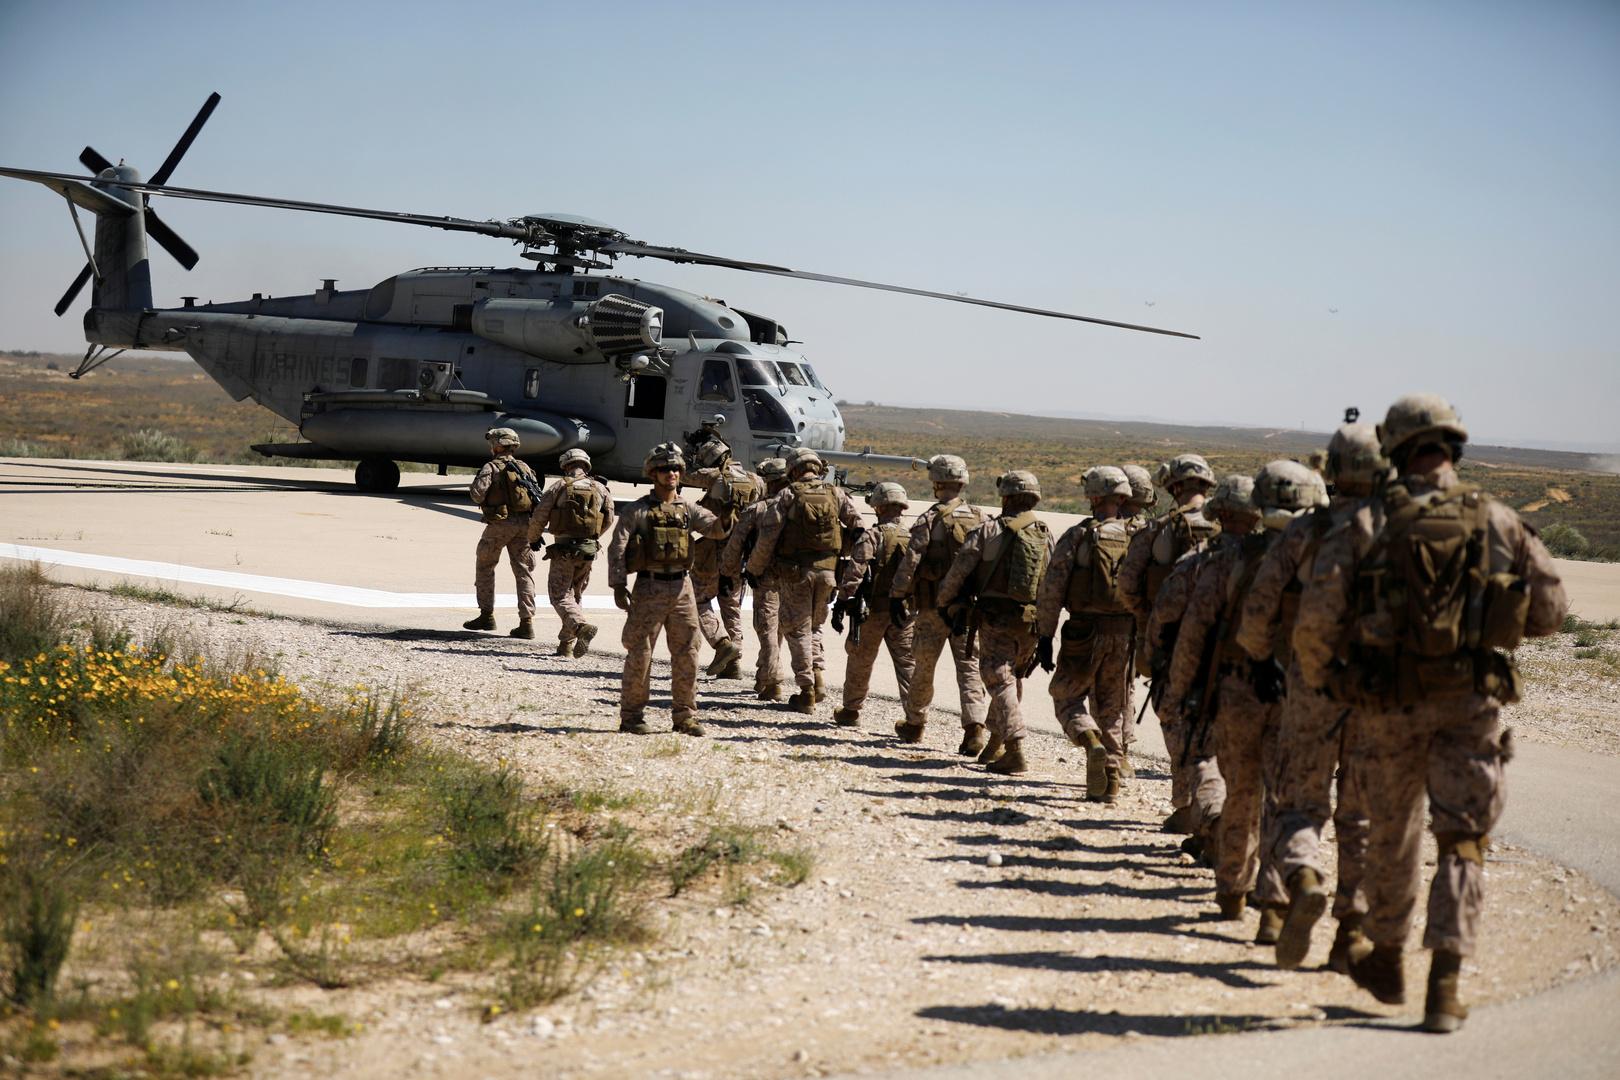 الجيش الأمريكي يسحب 120 من عناصره العسكريين والمدنيين من إسرائيل